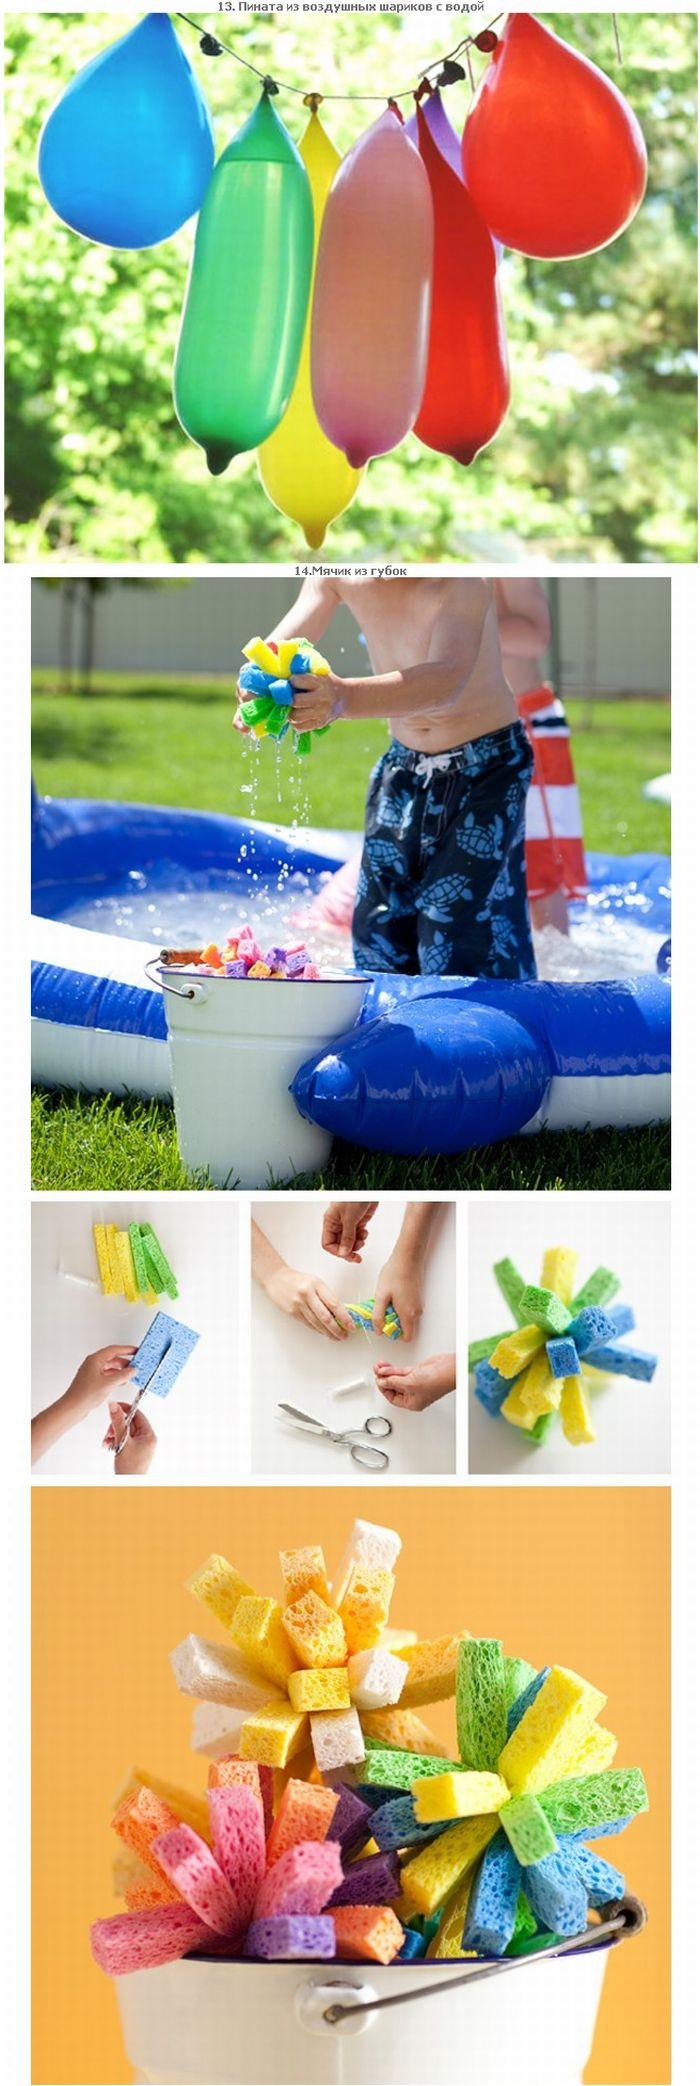 Летние развлечения для детей (29 фото)